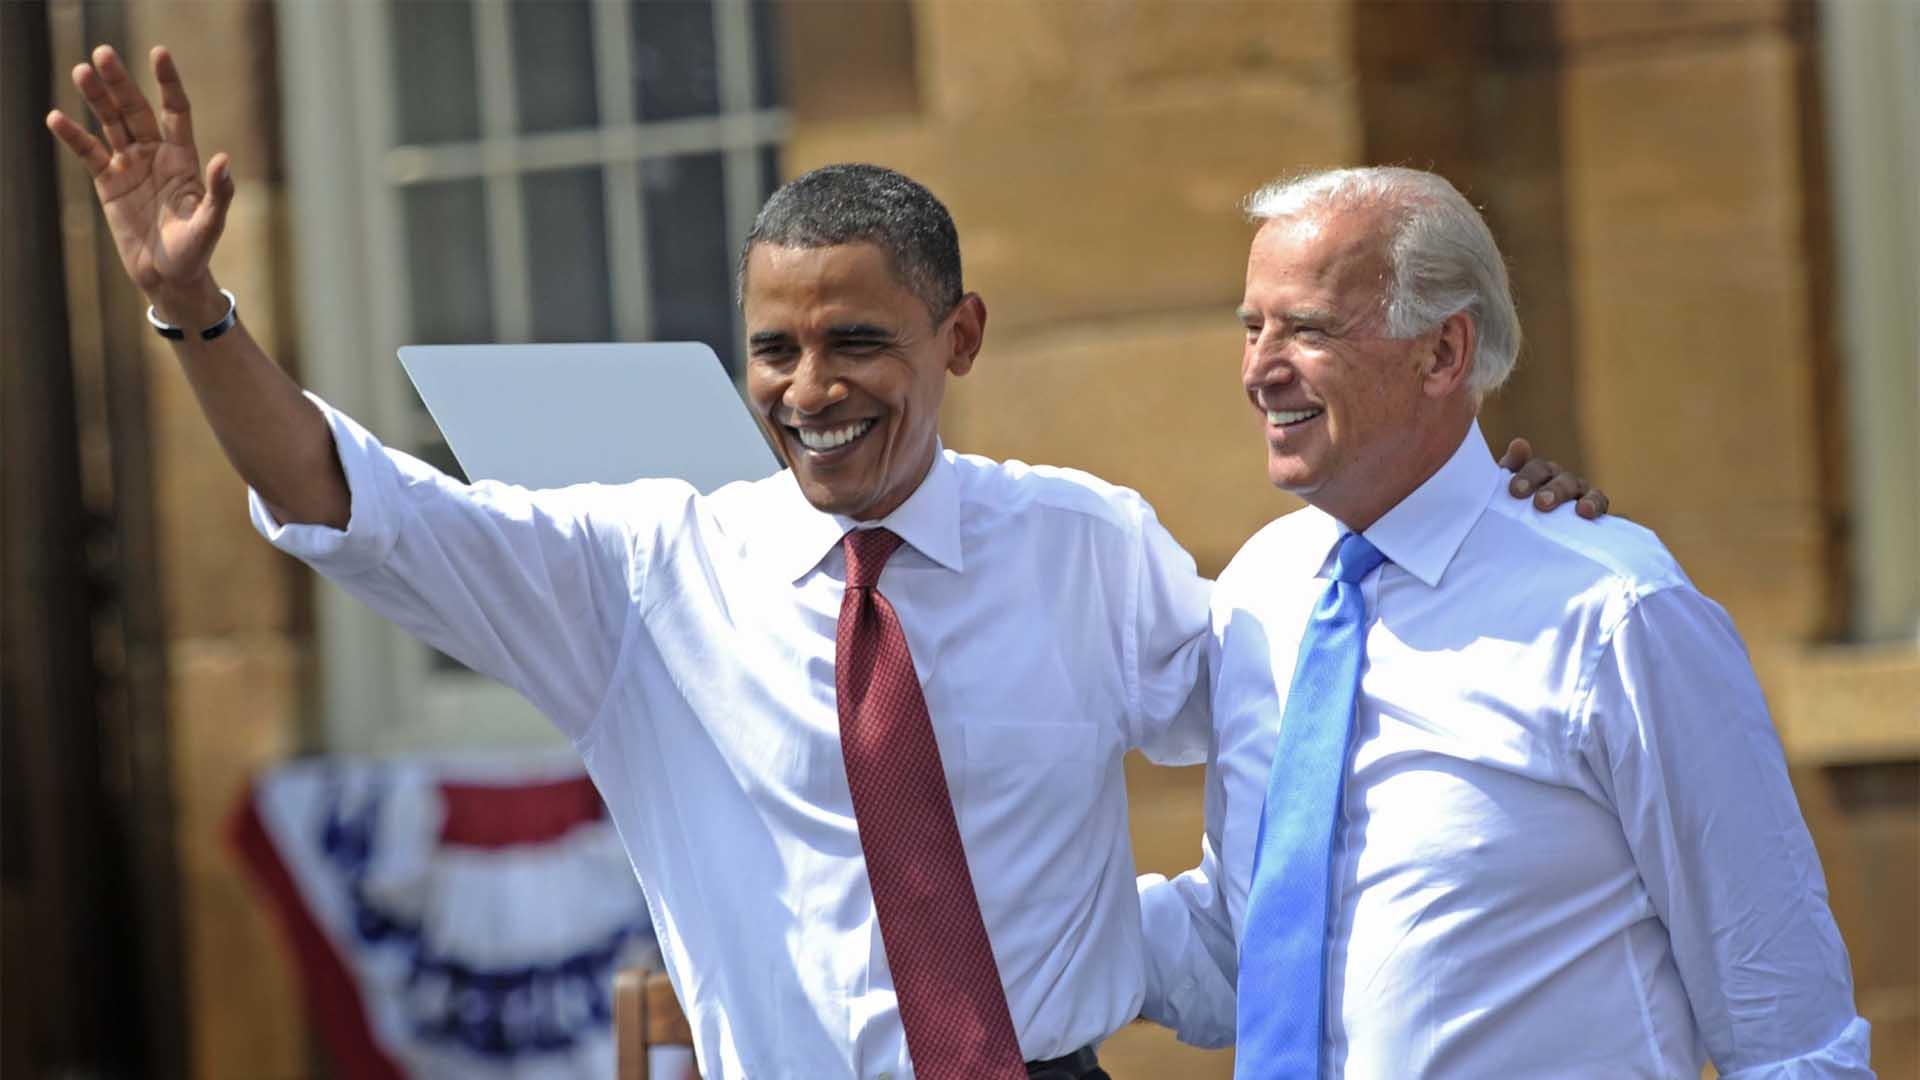 رئاسة جو بايدن للولايات المتحدة: ولاية أوباما الثالثة